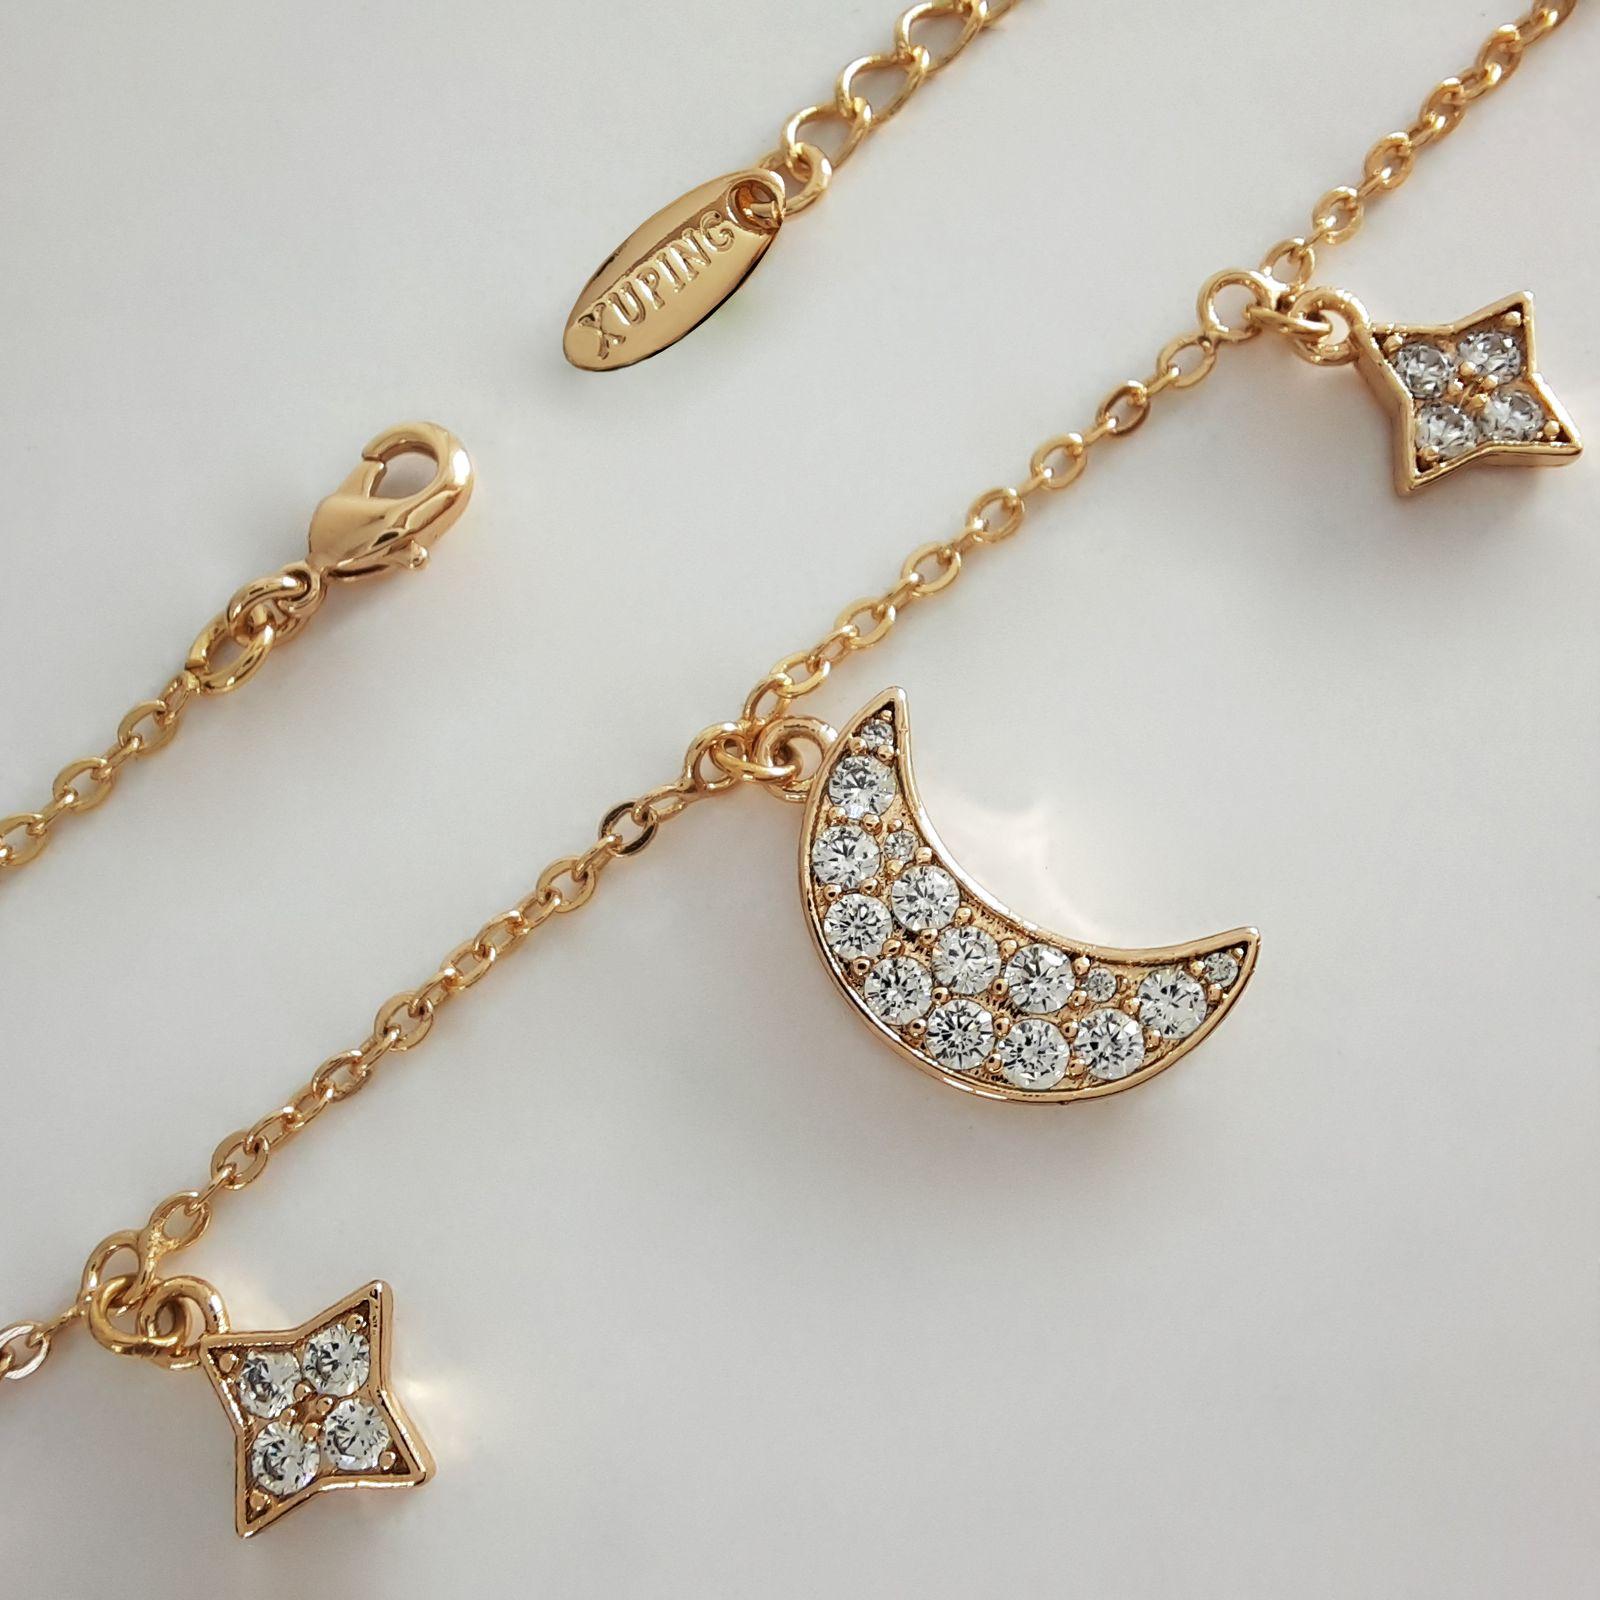 دستبند زنانه ژوپینگ طرح ماه و ستاره کد XP239 -  - 5